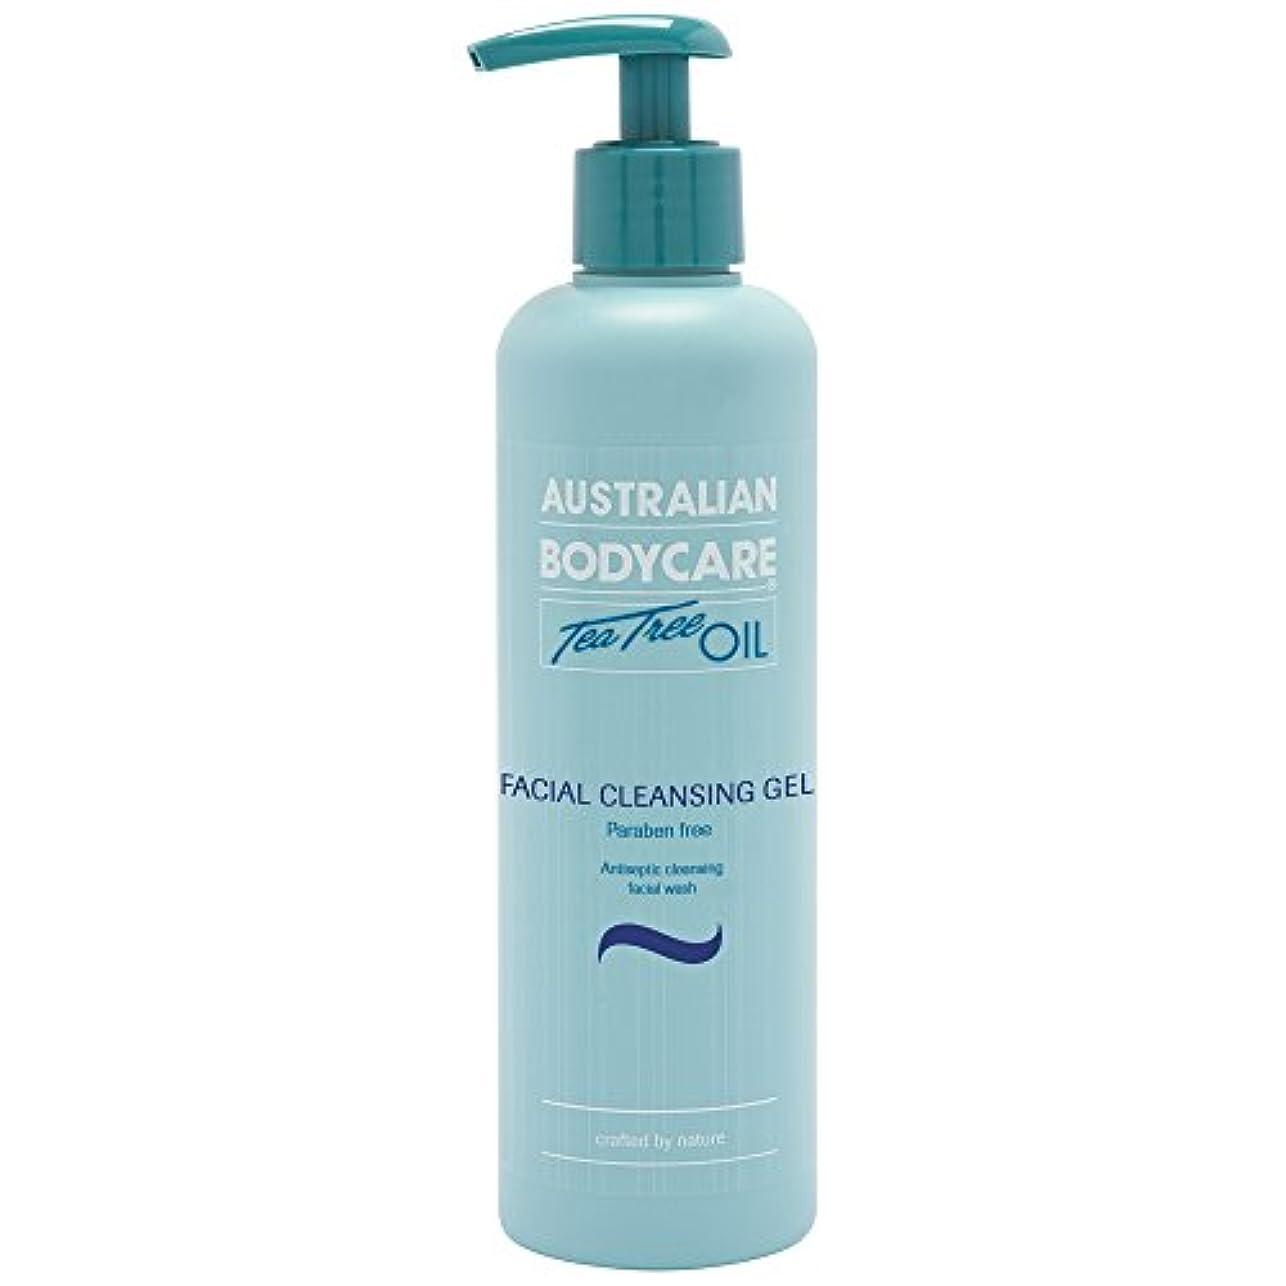 期待苦情文句押し下げるオーストラリアのボディーケアティーツリーオイル洗顔ゲル250ミリリットル (Australian Bodycare) - Australian Bodycare Tea Tree Oil Facial Cleansing...